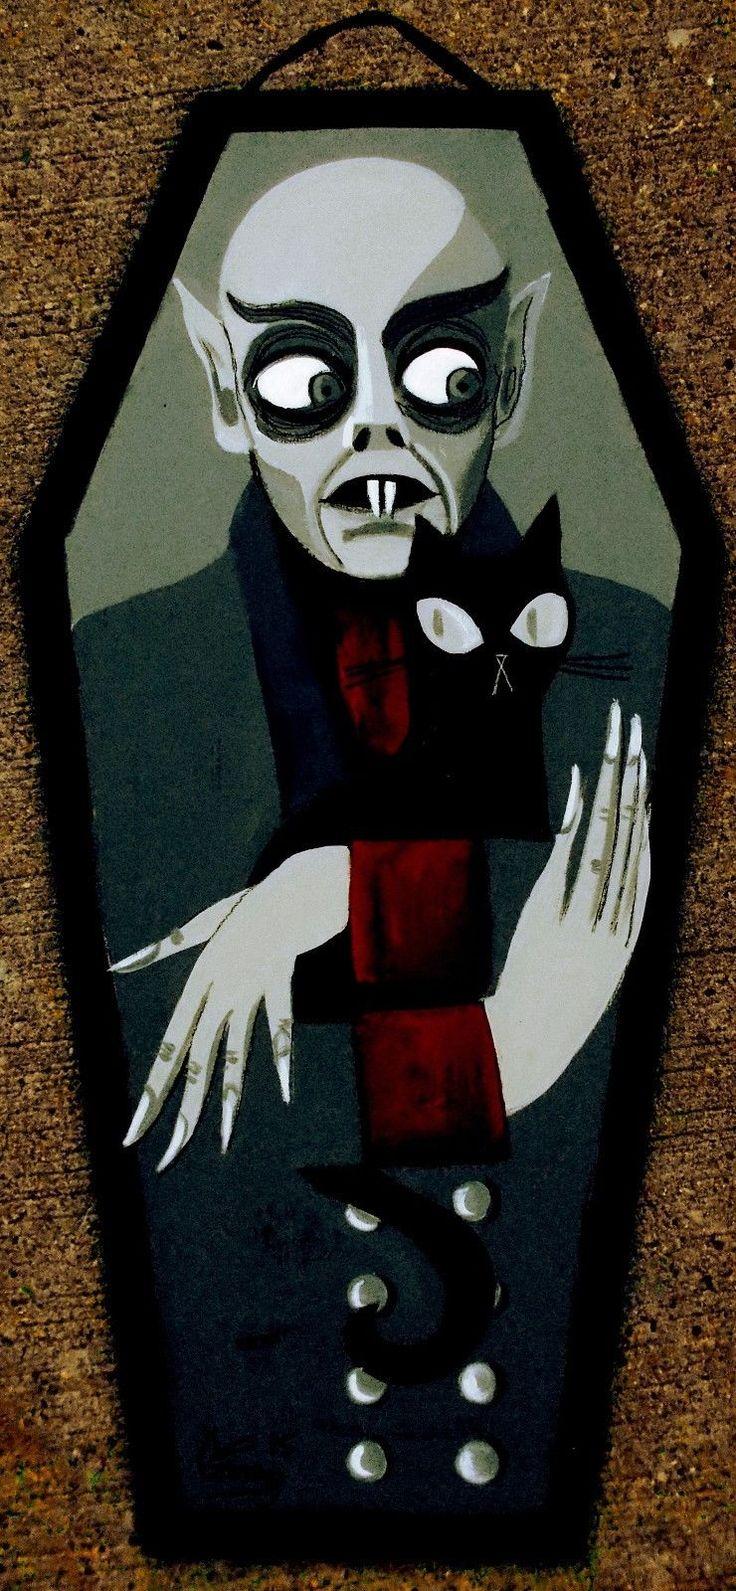 El Gato Gomez Painting Retro Nosferatu Vampire Dracula Vintage Horror Gothic Cat…